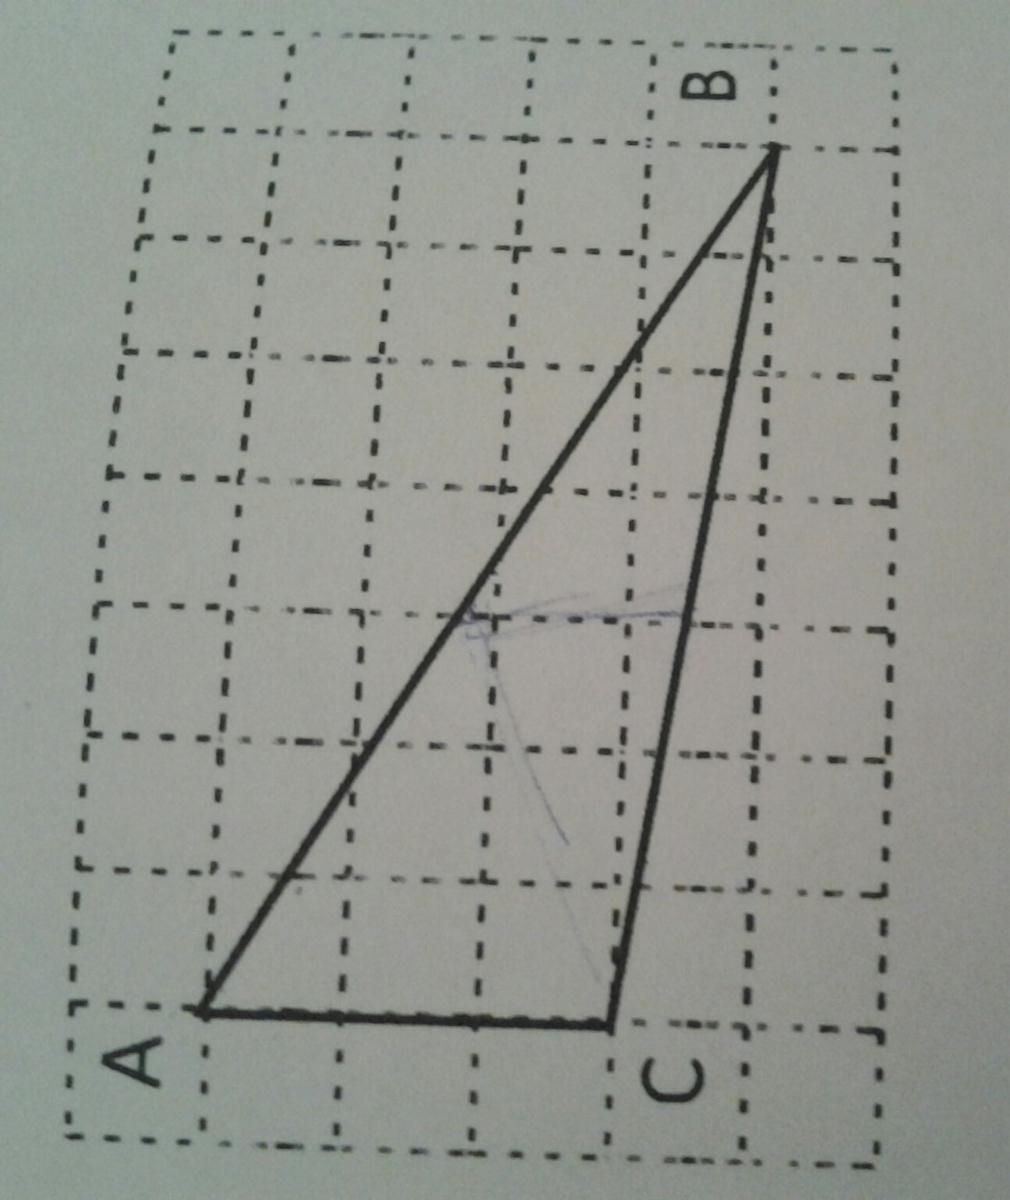 Помогите, даю 38 баллов))  На рисунке клетка имеет размер 1 см х 1 см. Найдите длину отрезка, соединяющего середины сторон АВ и ВС треугольника АВС. Ответ дайте в саниметрах. Пожалуйста с обьяснением :))